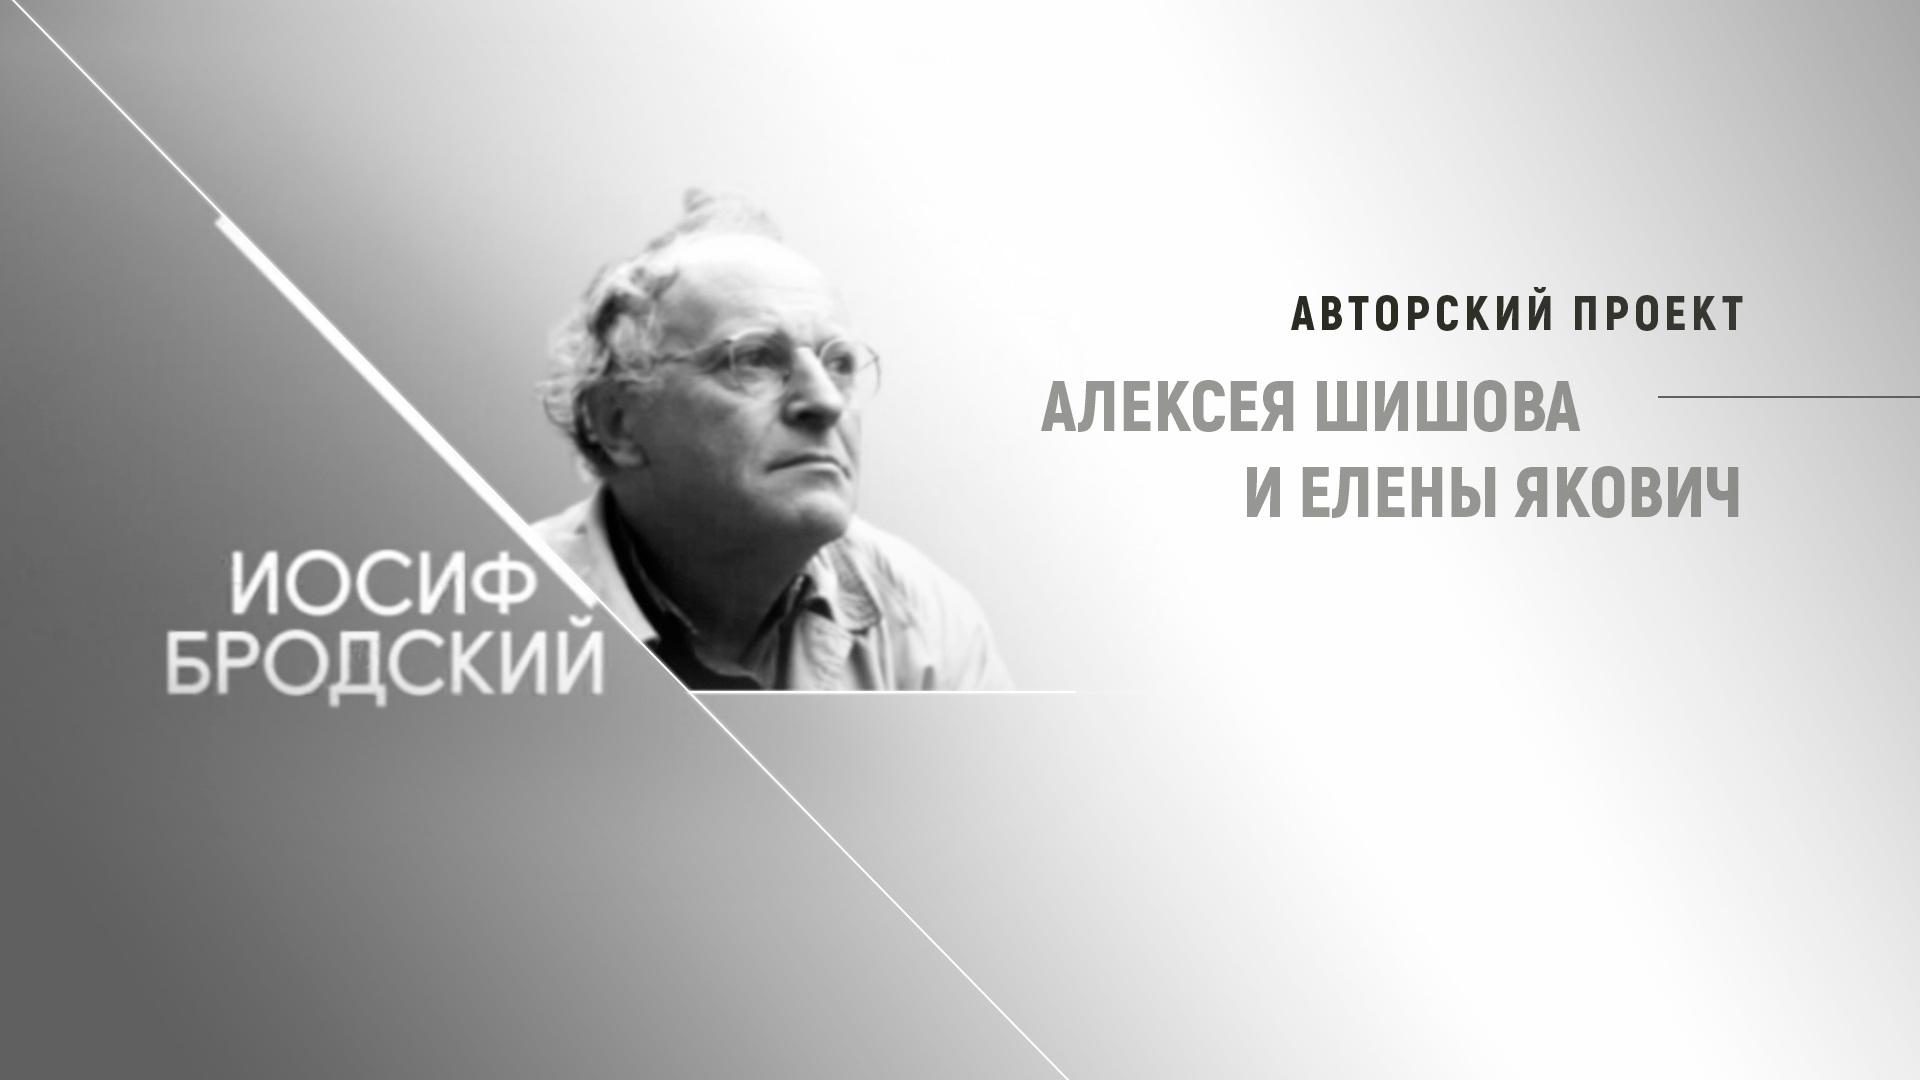 Иосиф Бродский. Возвращение